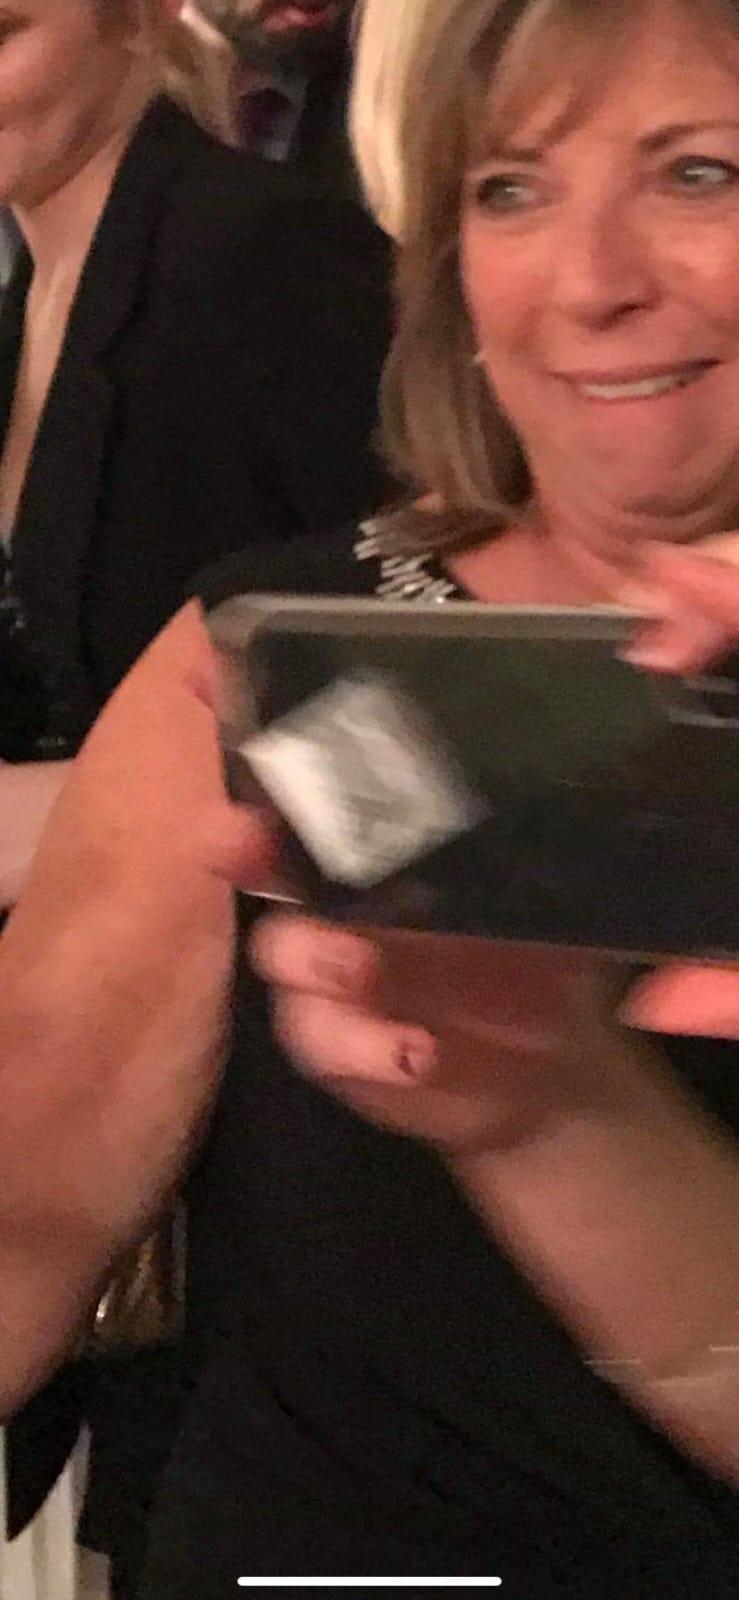 La cara que pones cuando te das cuenta de que la coca de tu amiga está pegada en su teléfono